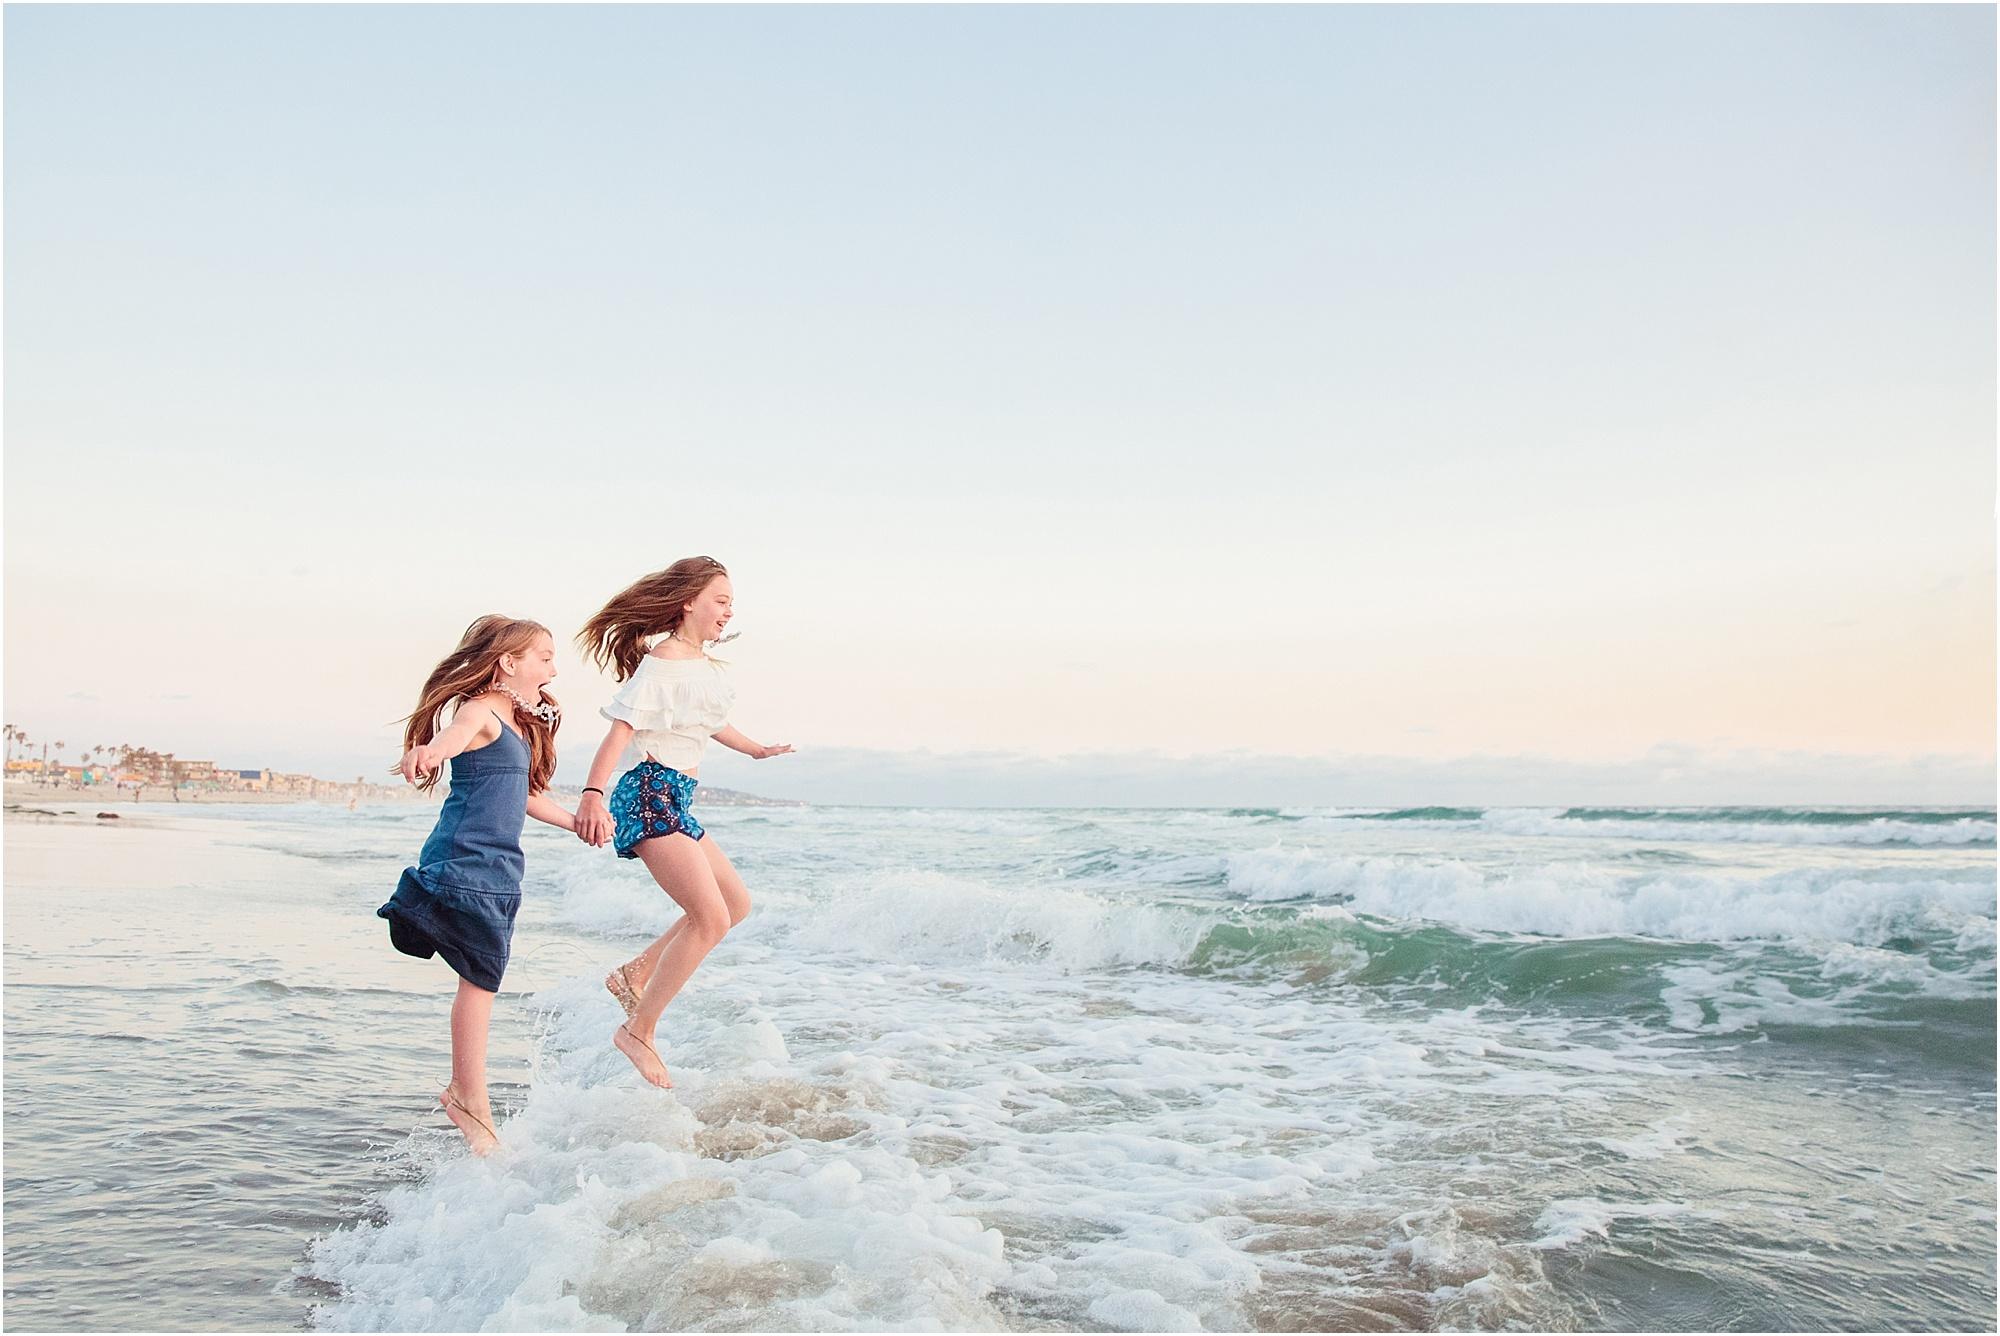 San Diego Photographer | California Beach Portraits